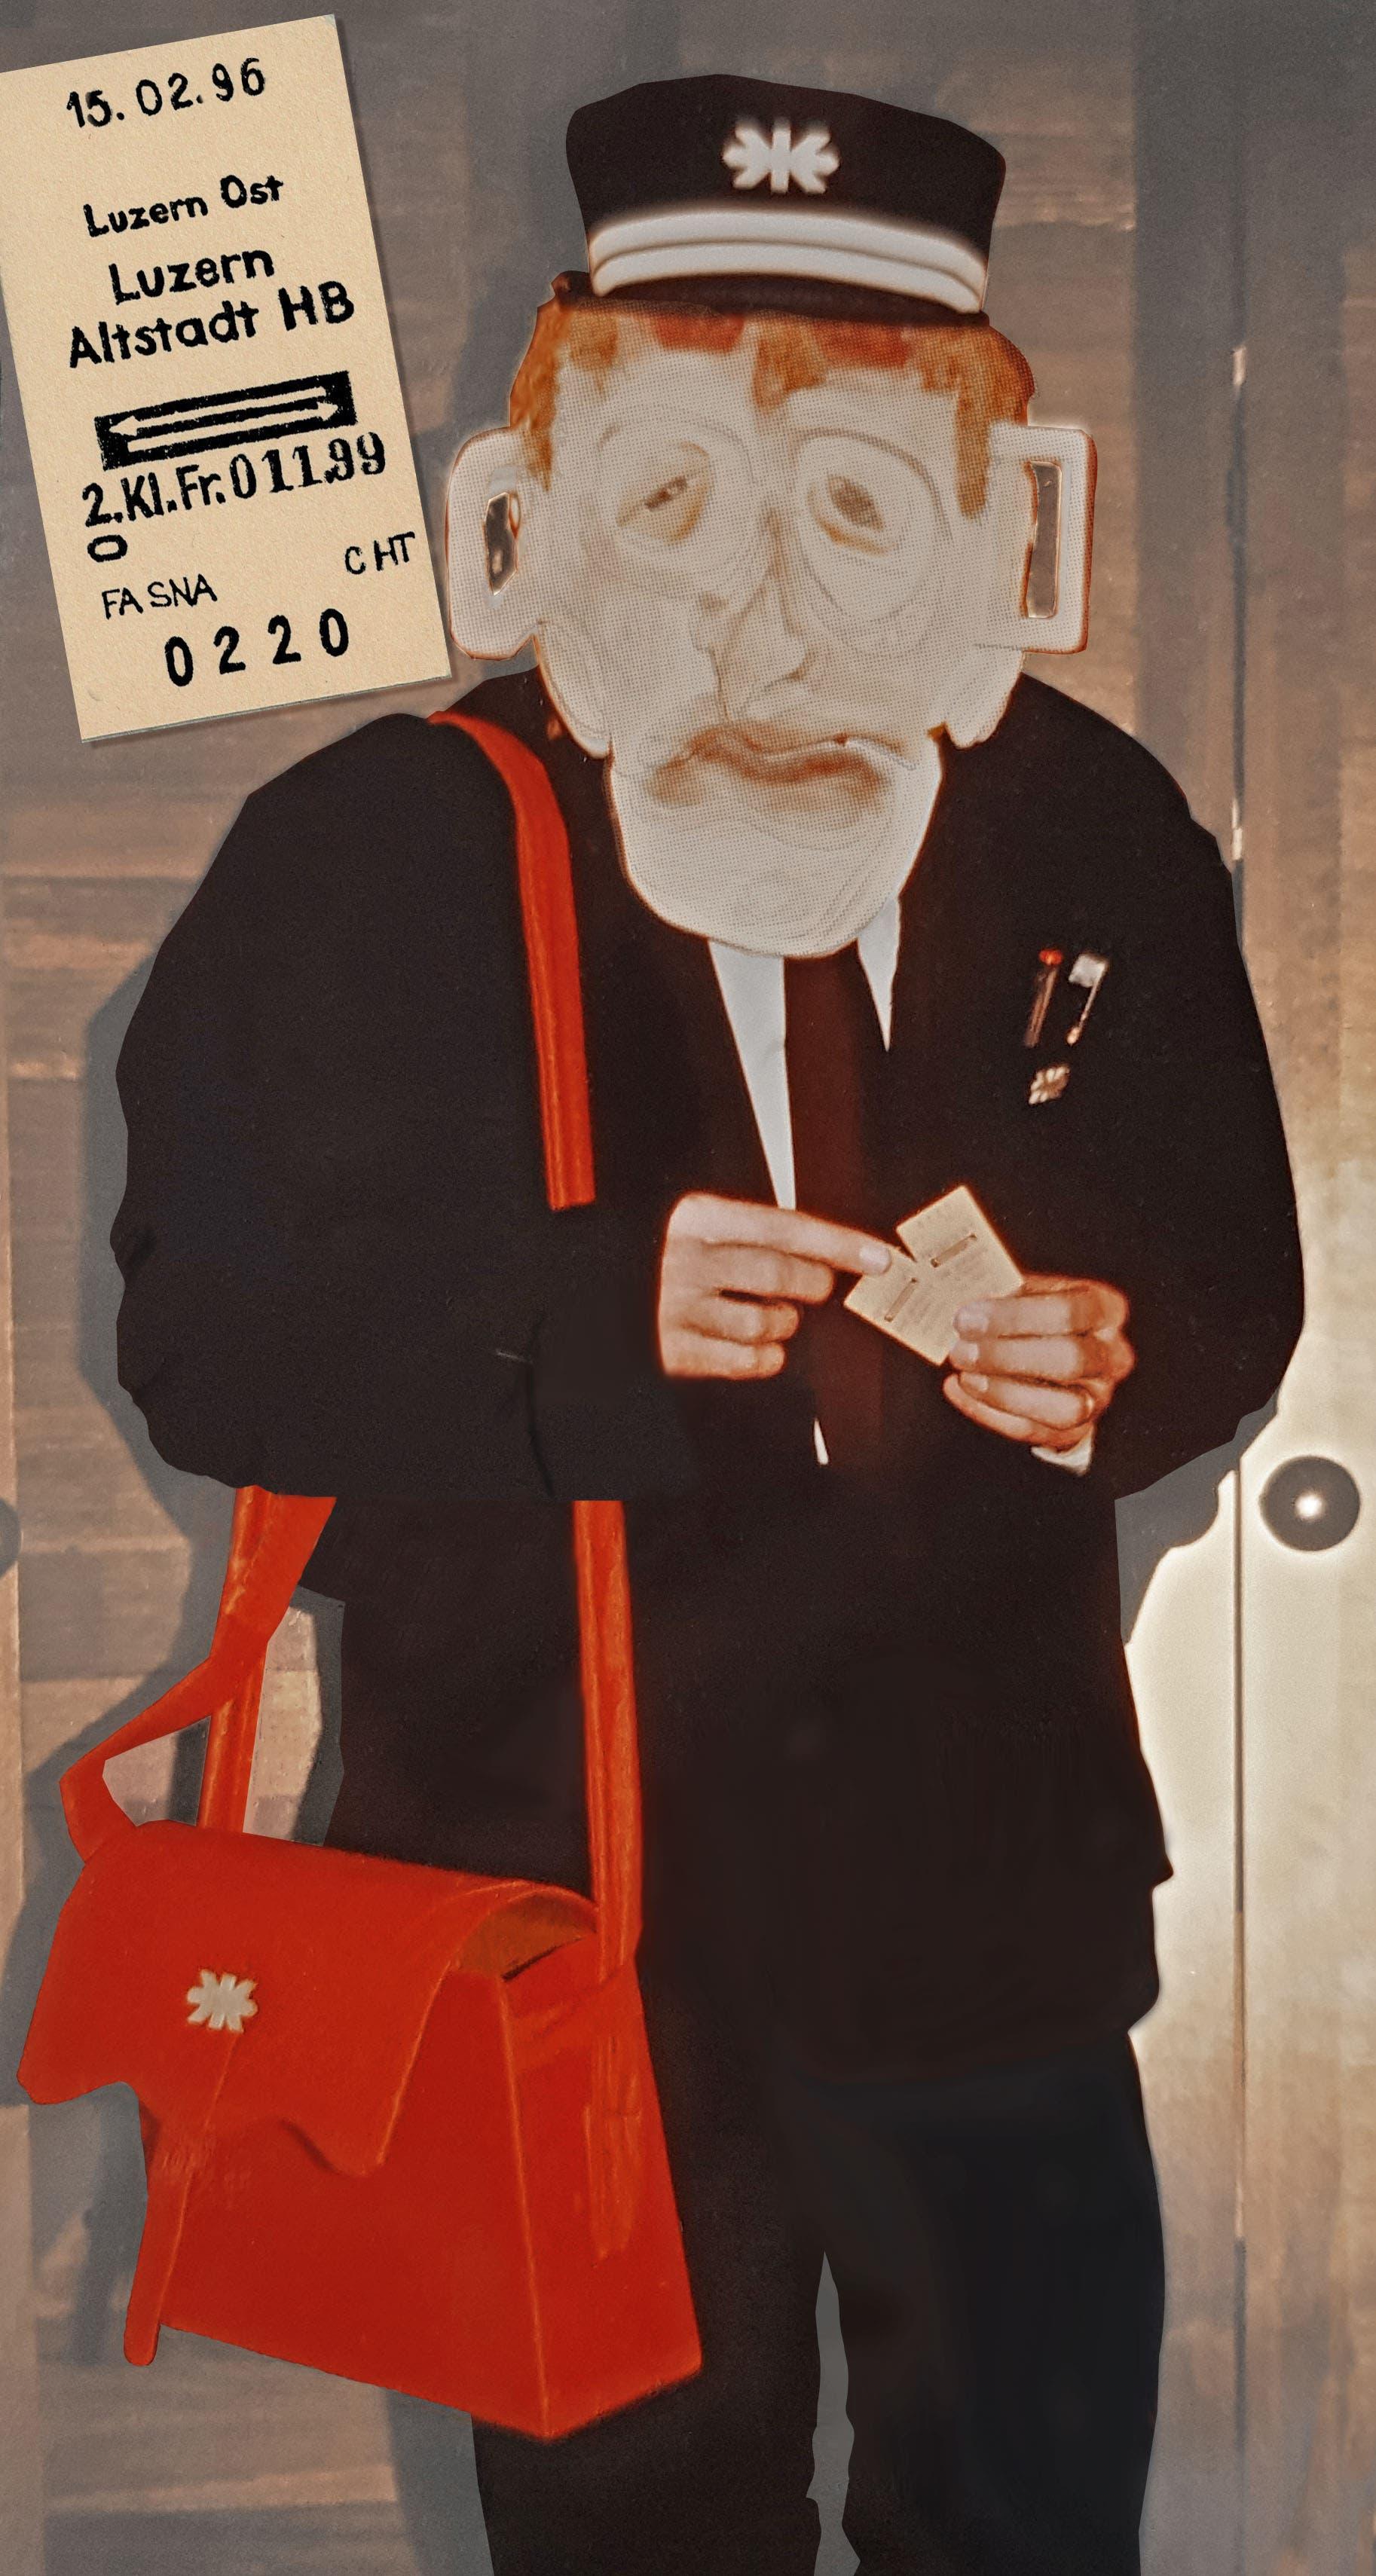 «Zum 25-jährigen Bahnhofbrand trottete ich als Kondukteur an die Fasnacht und verteilte Kartonbillette, wie anno 1971 üblich. Je nach Reaktion der Empfänger konnte ich die Augenpartie auswechseln in 'traurig', 'böse' und 'lachend', mit Schildern, die den Waggonanschriften der Züge glichen. PS: Ich hatte damals Schule (KV), wir bekamen frei: das Schulgebäude lag an der Frankenstrasse 50 Meter vom Bahnhof weg.»